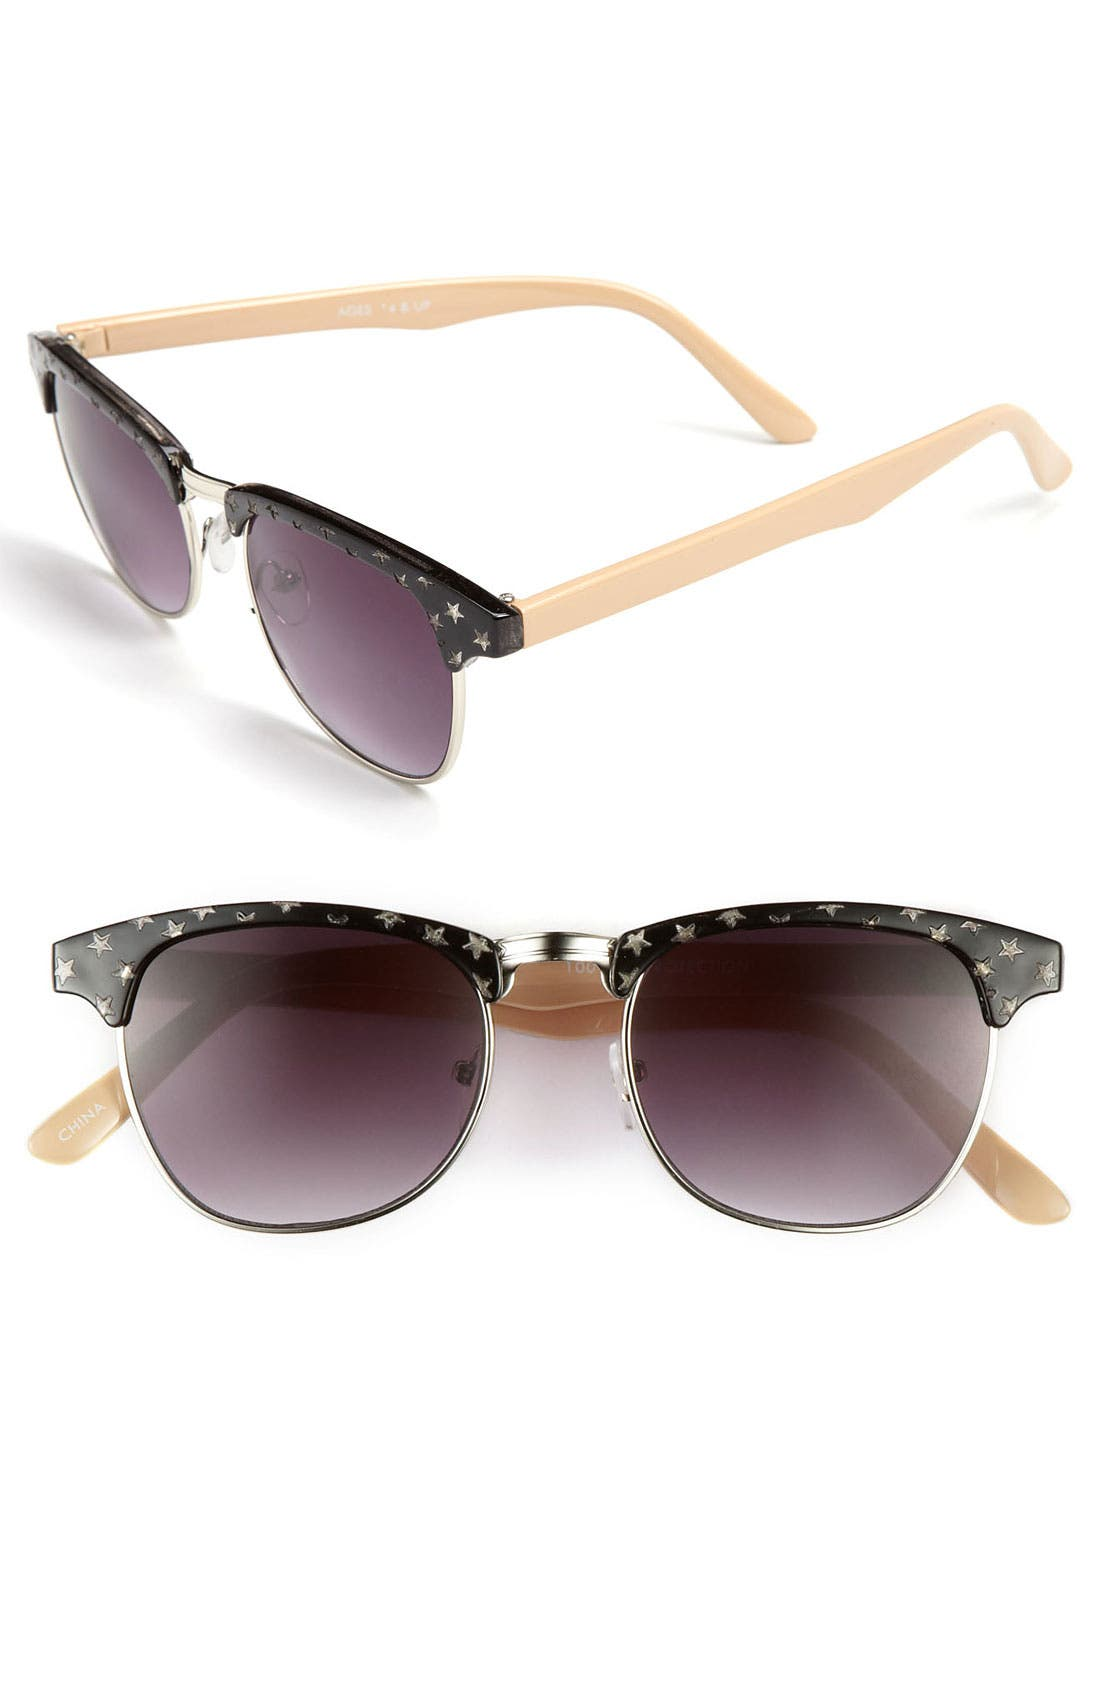 Main Image - FE NY 'Star' Sunglasses